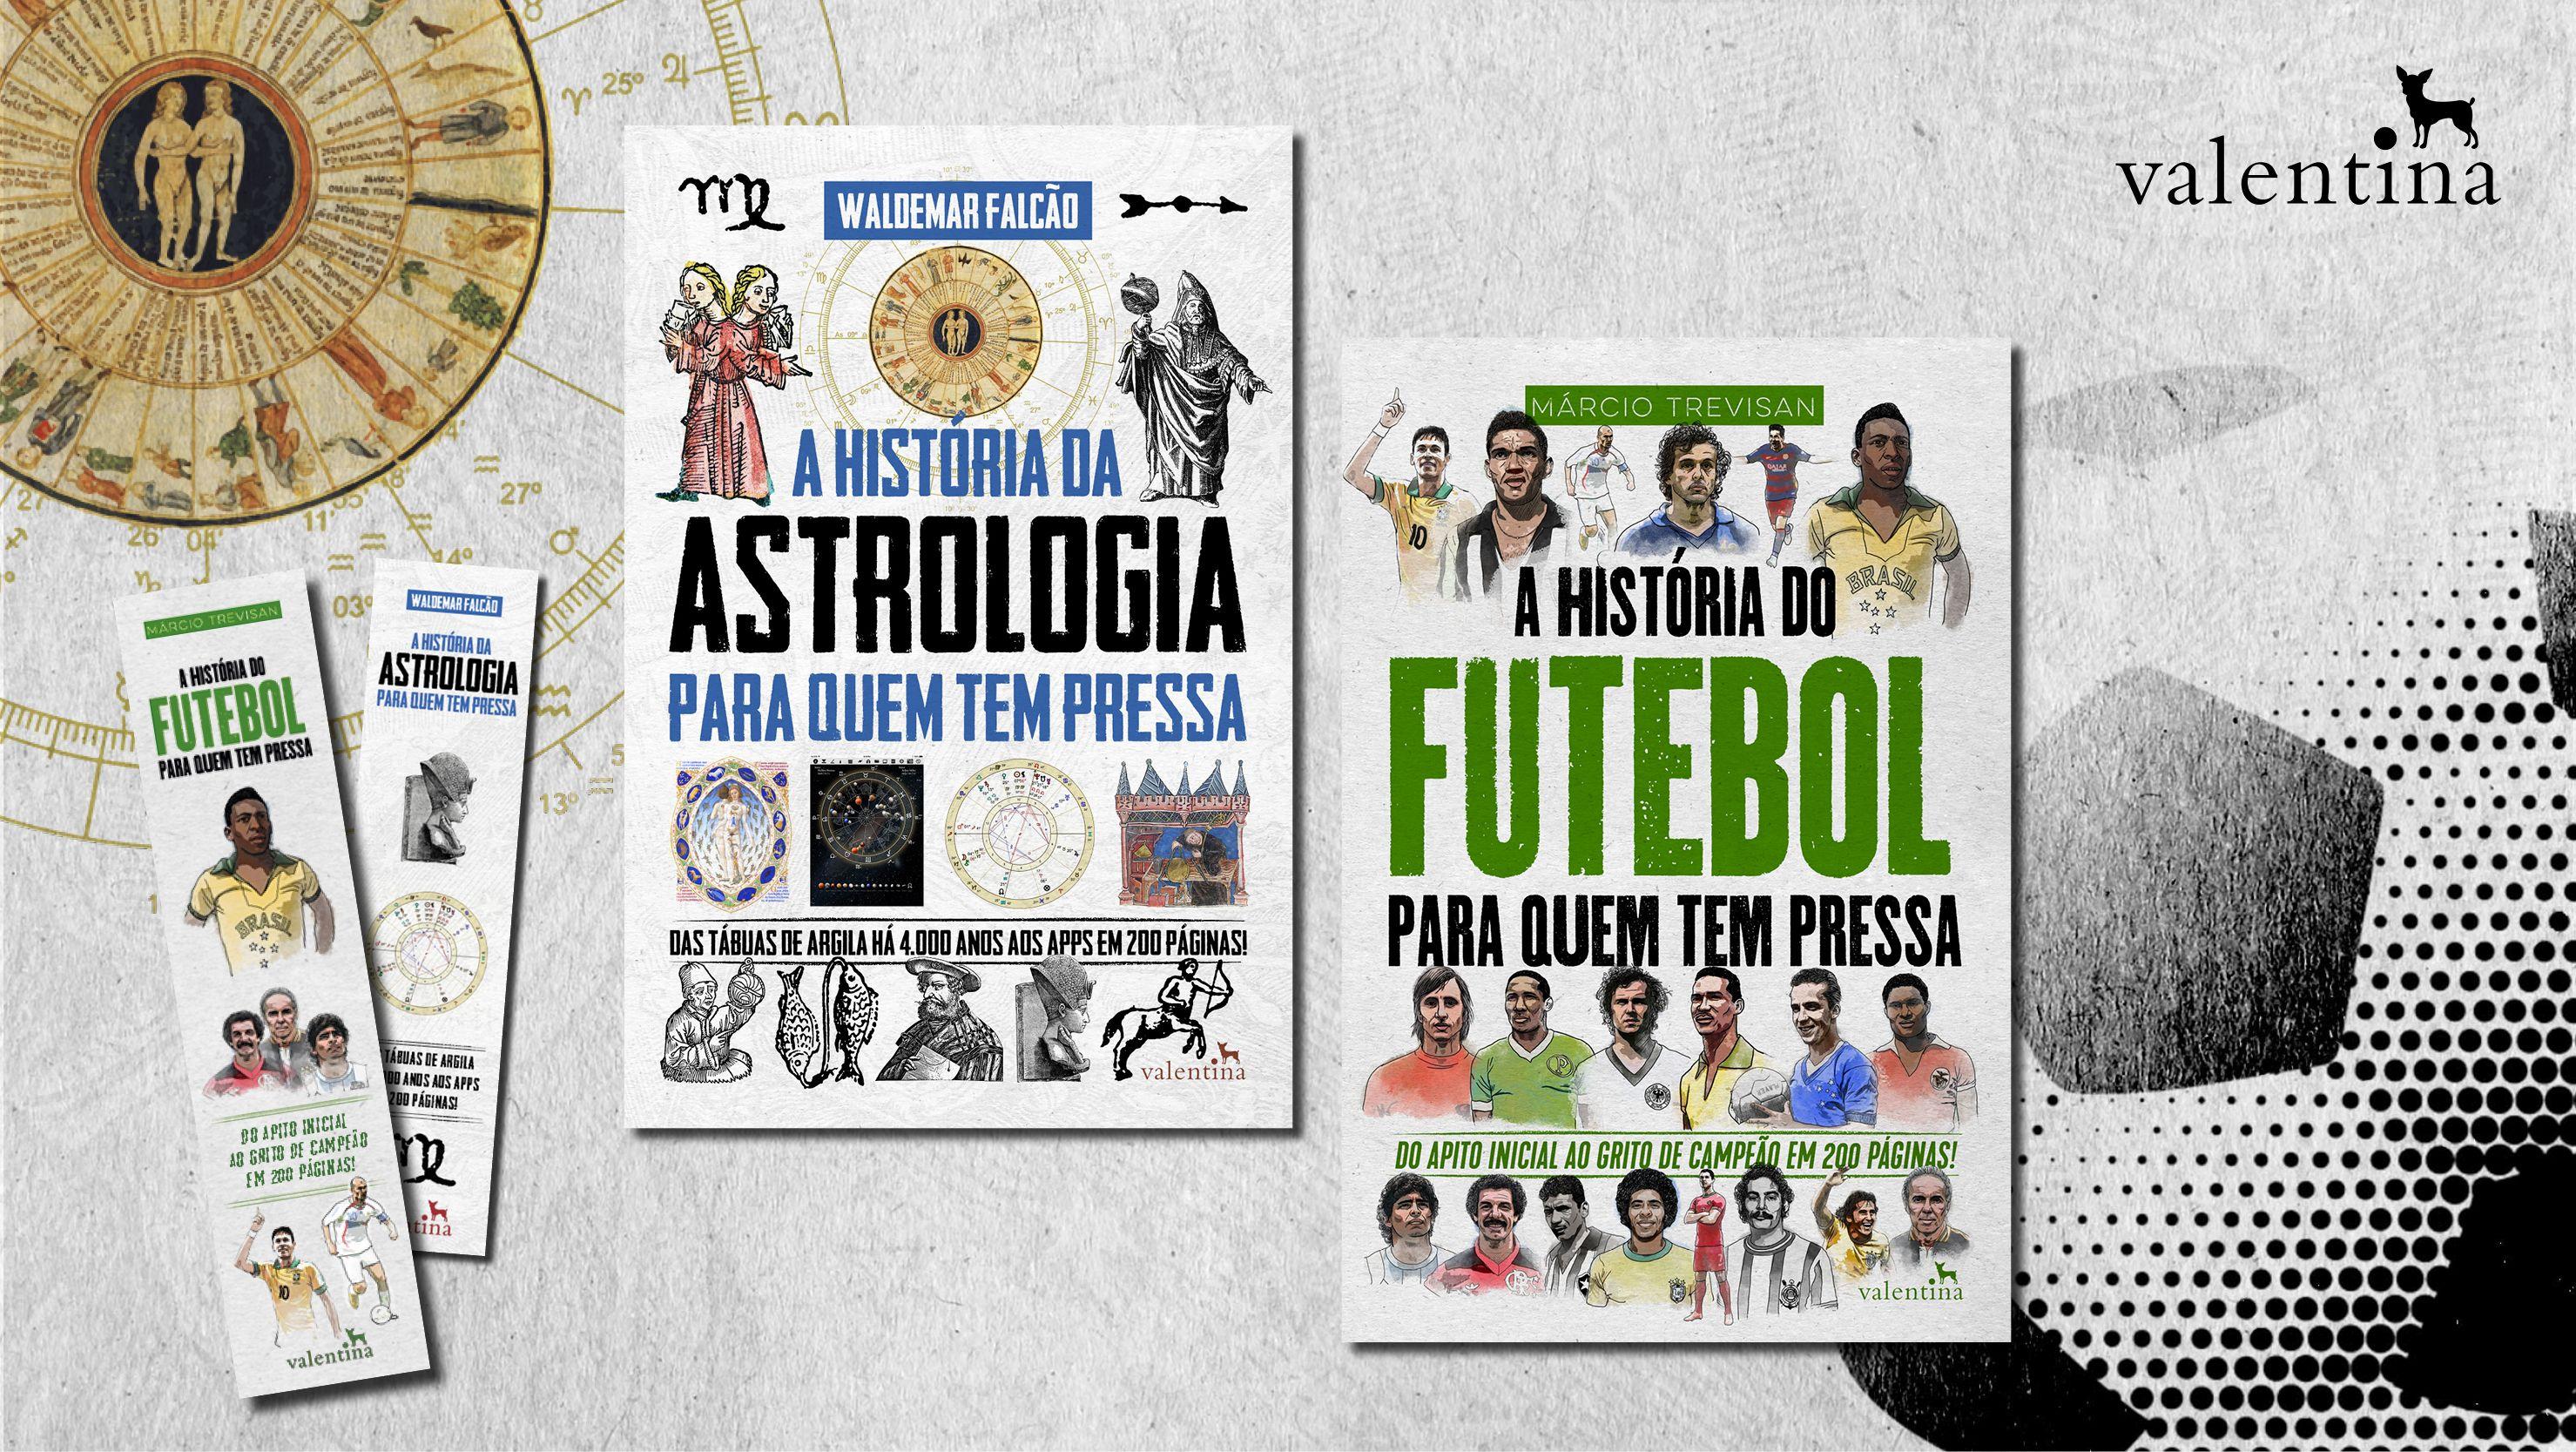 A Nossa Colecao Ganhara Mais 2 Livros A Historia Da Astrologia